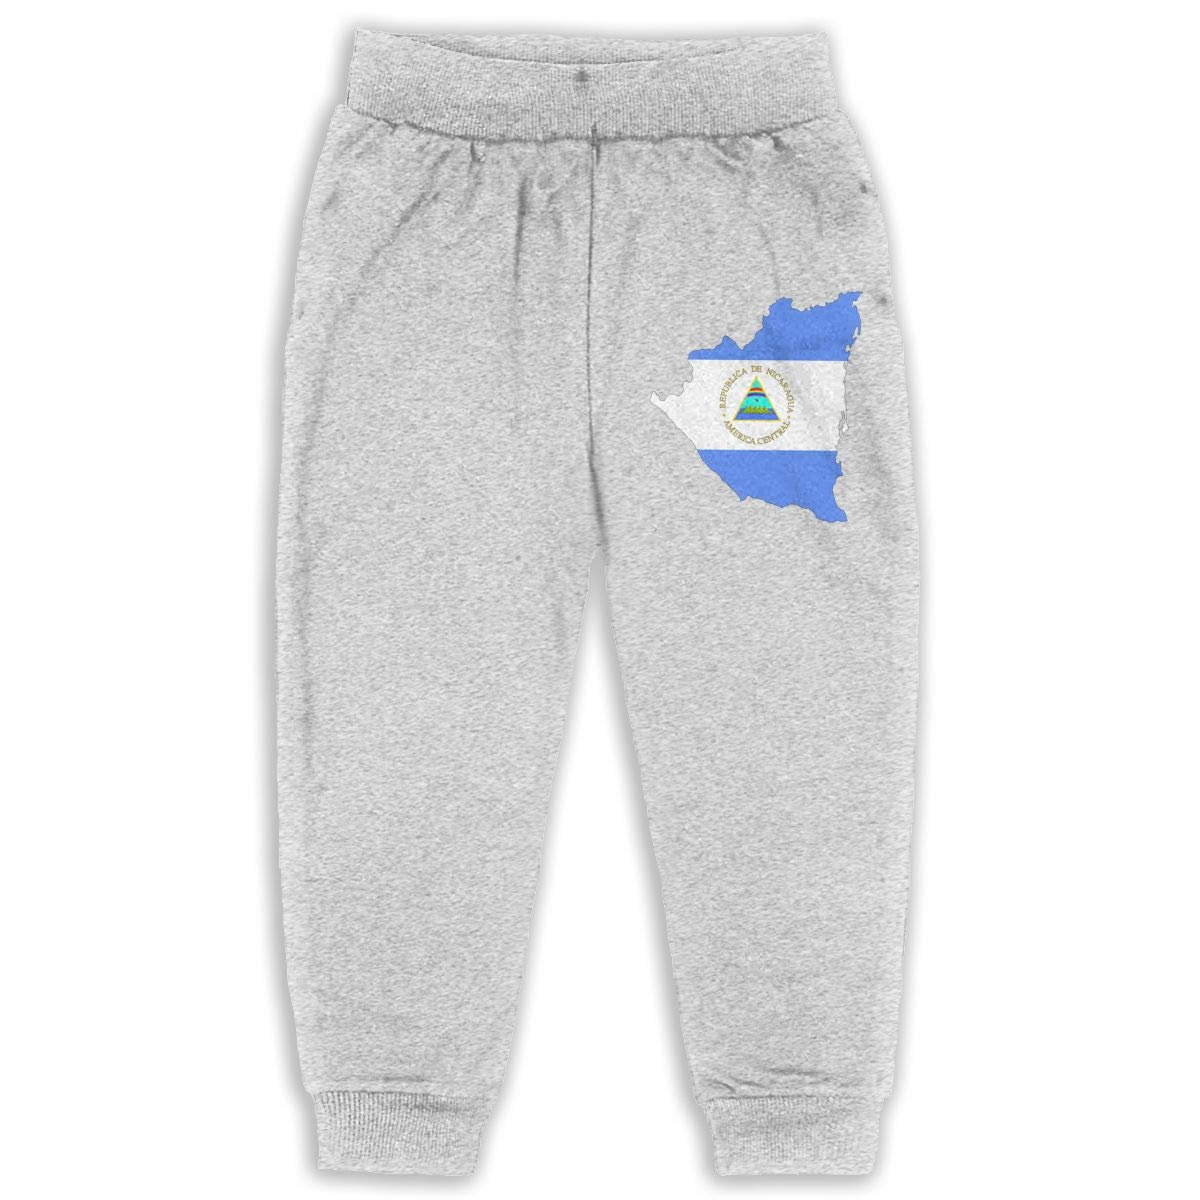 Fleece Active Joggers Elastic Pants DaXi1 Nicaragua Sweatpants for Boys /& Girls